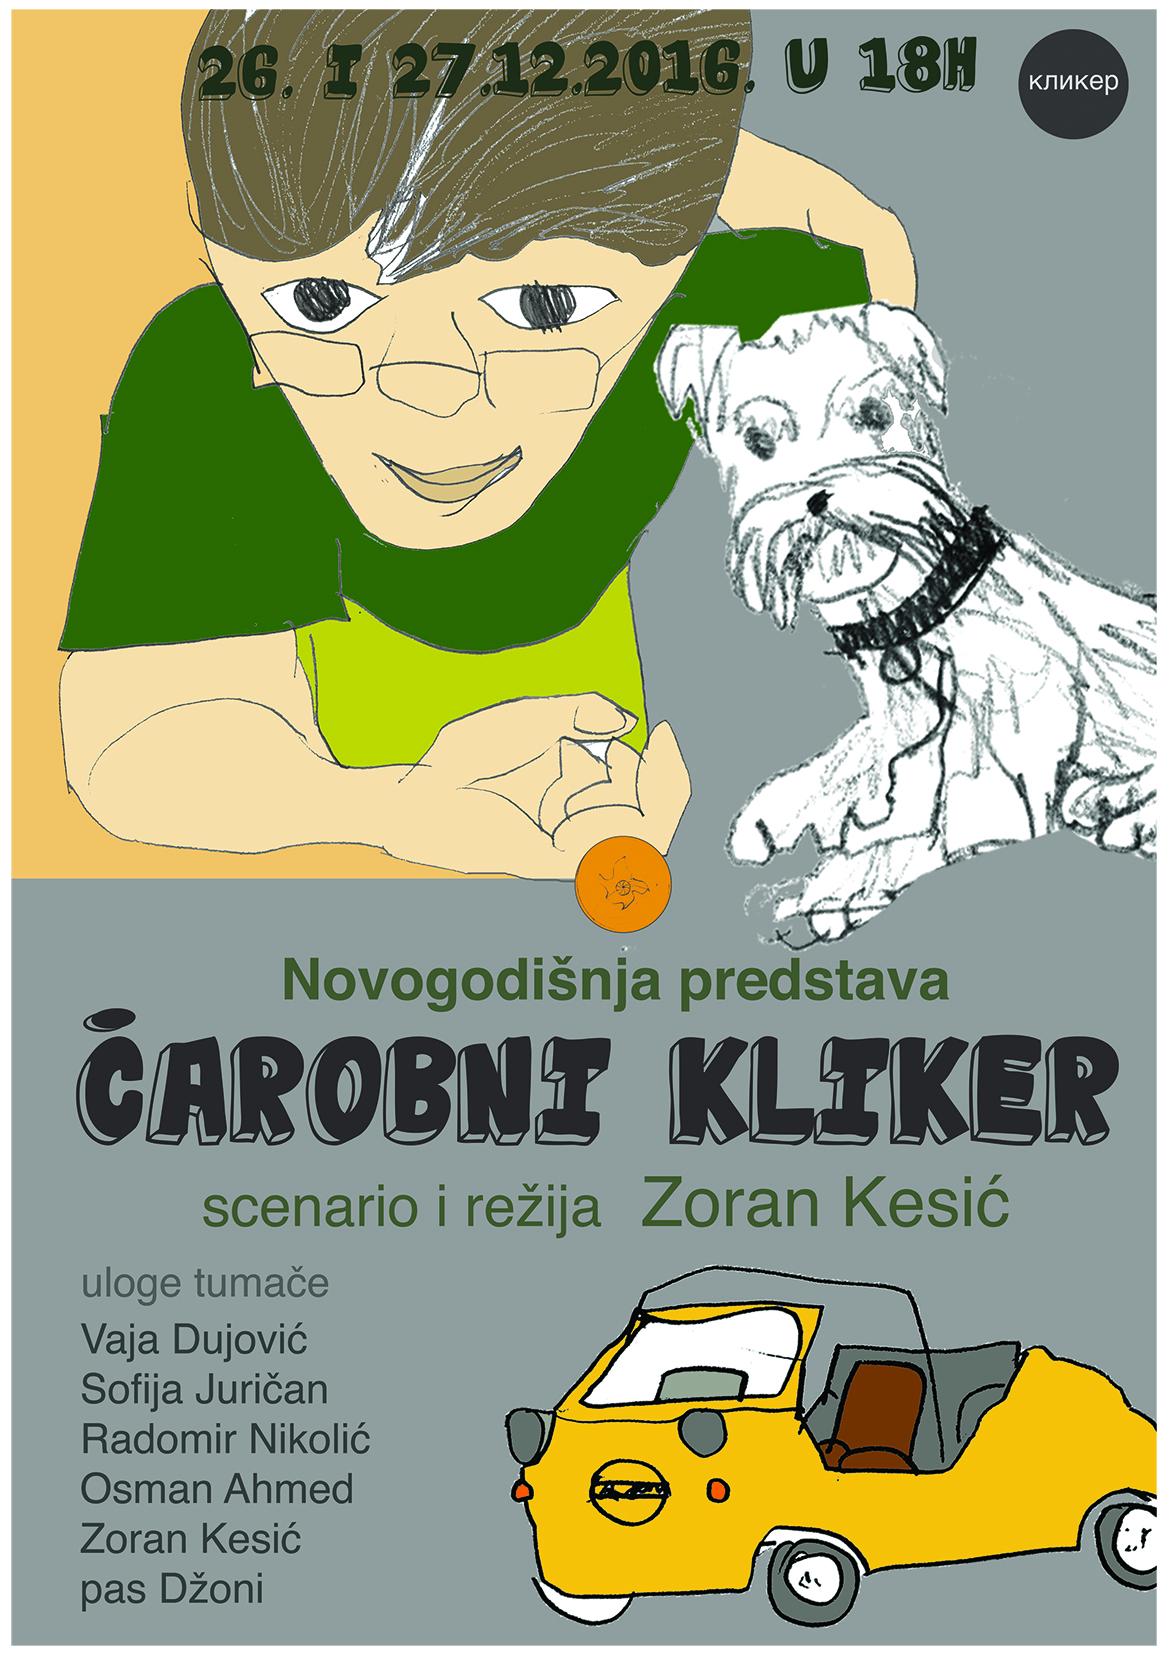 poster-sajt